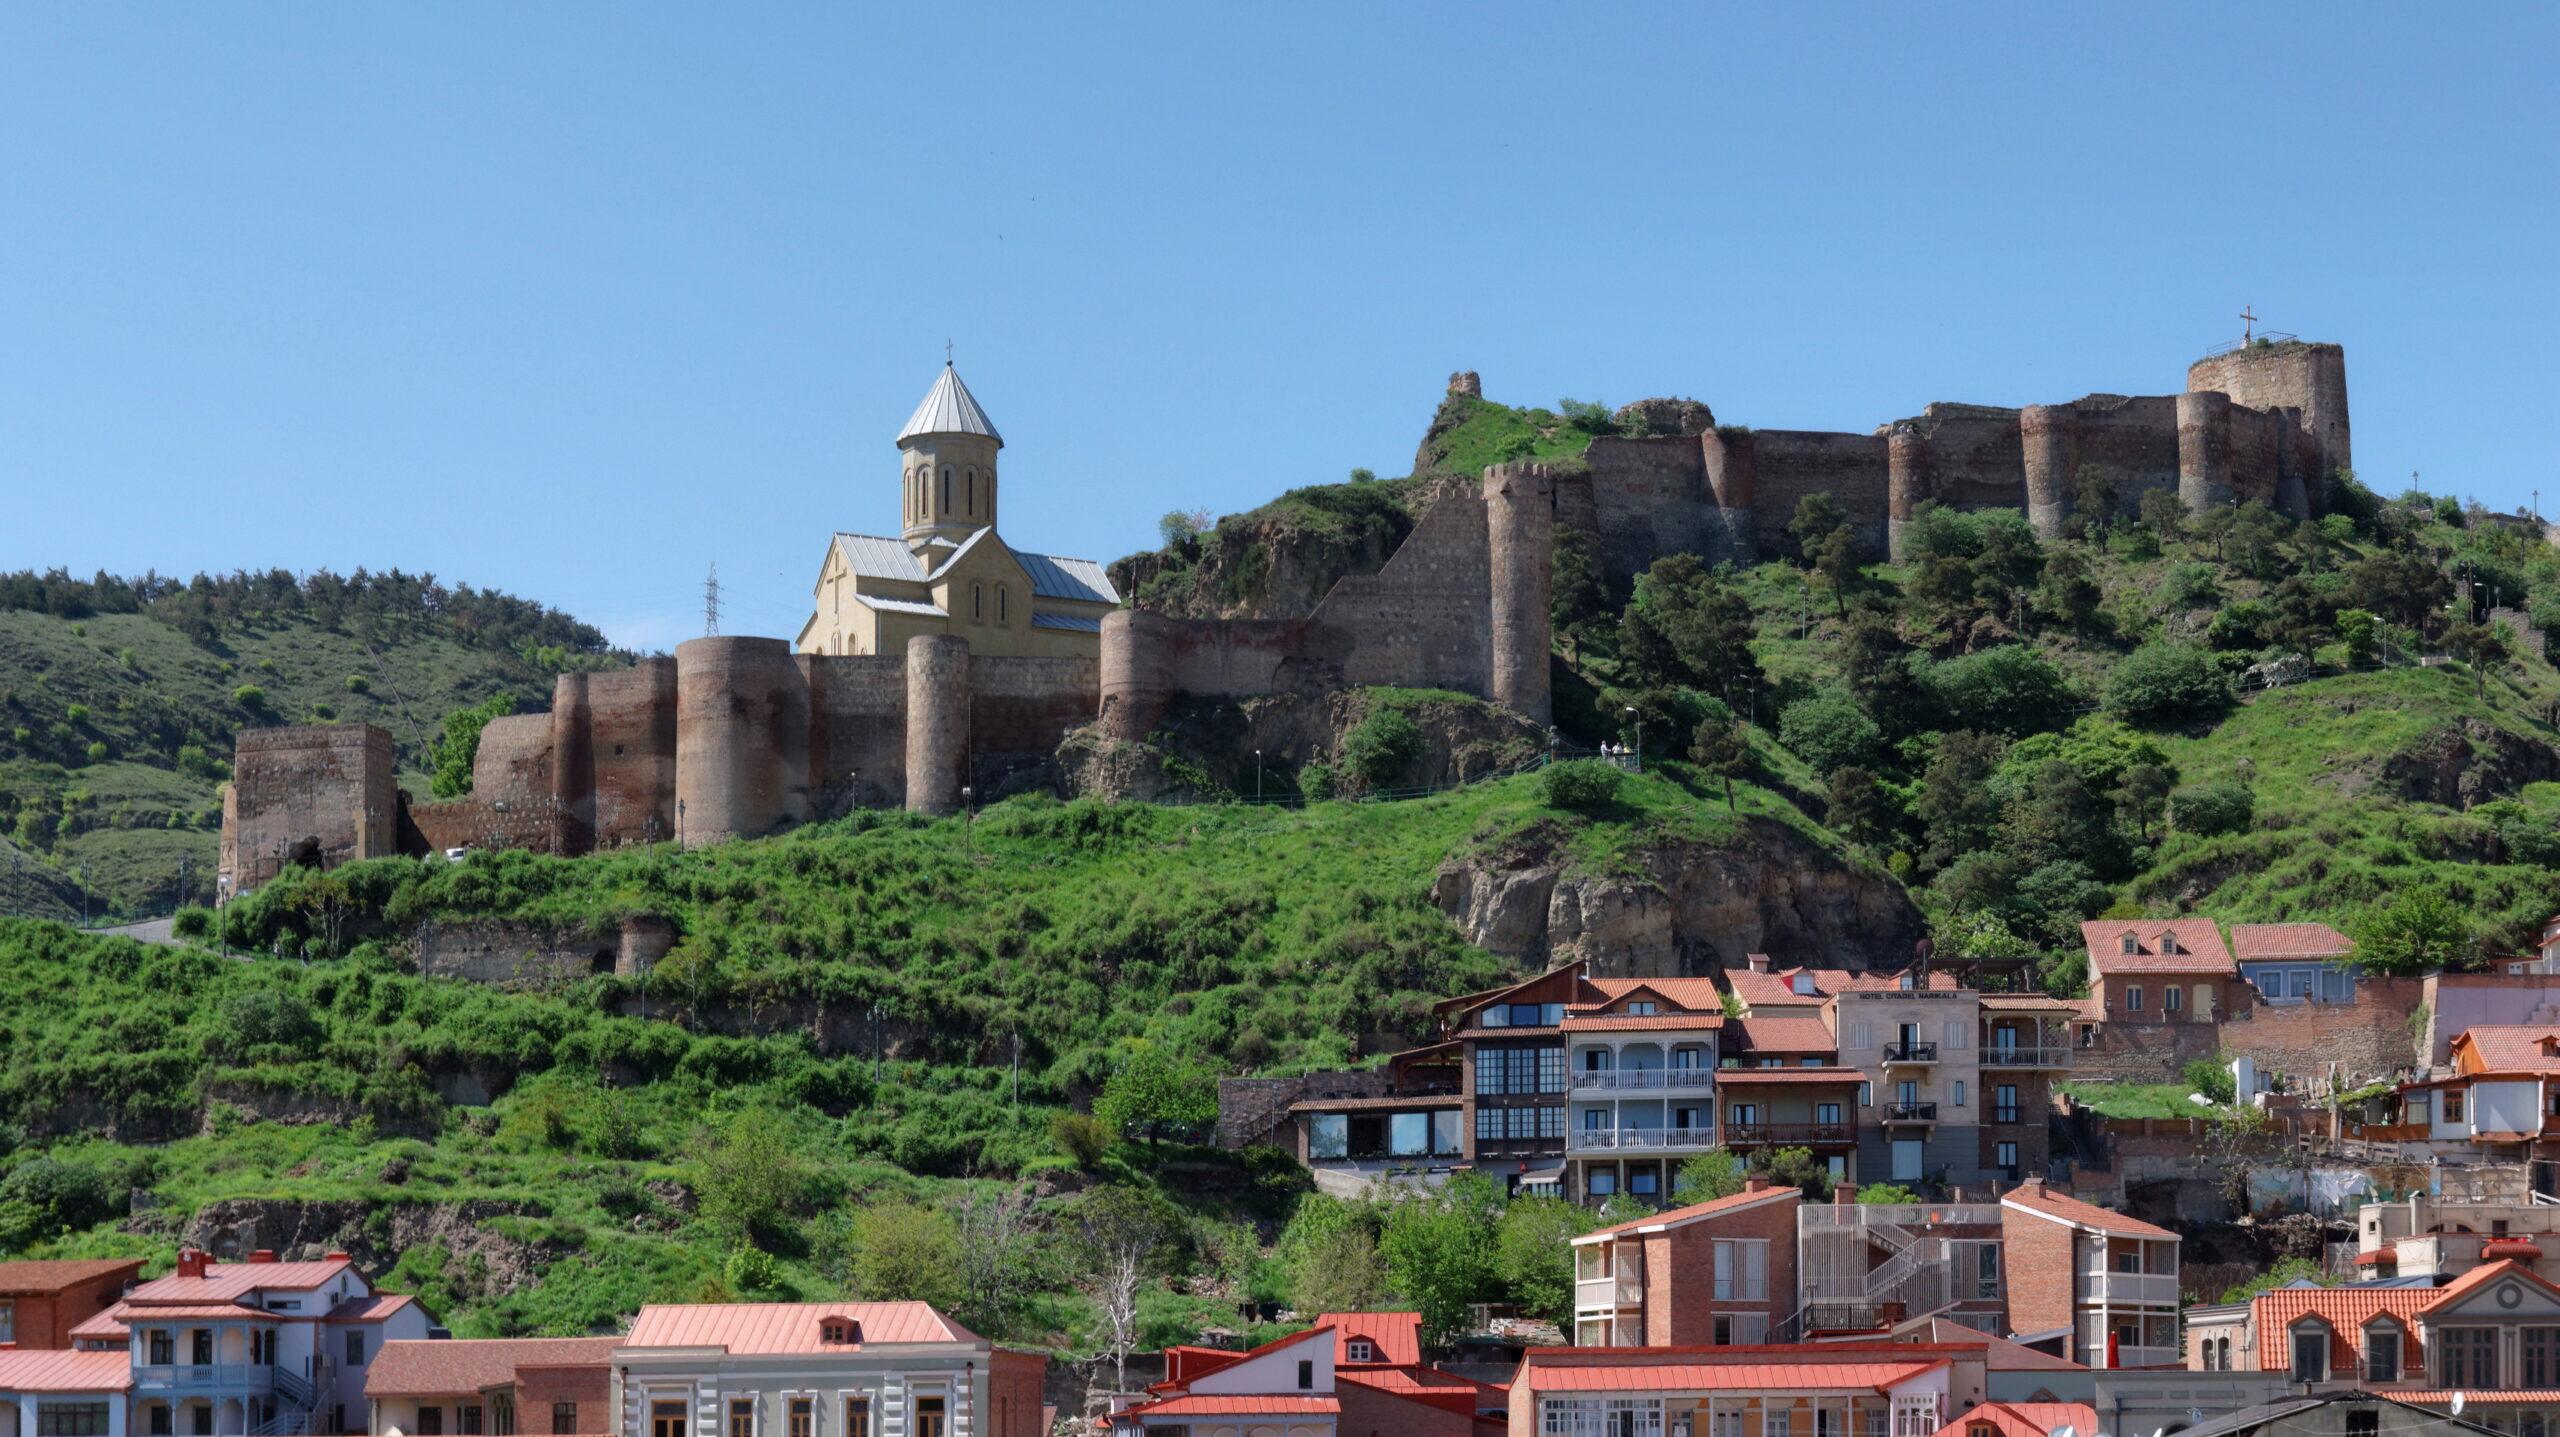 Europa Nostra склала список об'єктів культурної спадщини, що знаходяться під загрозою зникнення